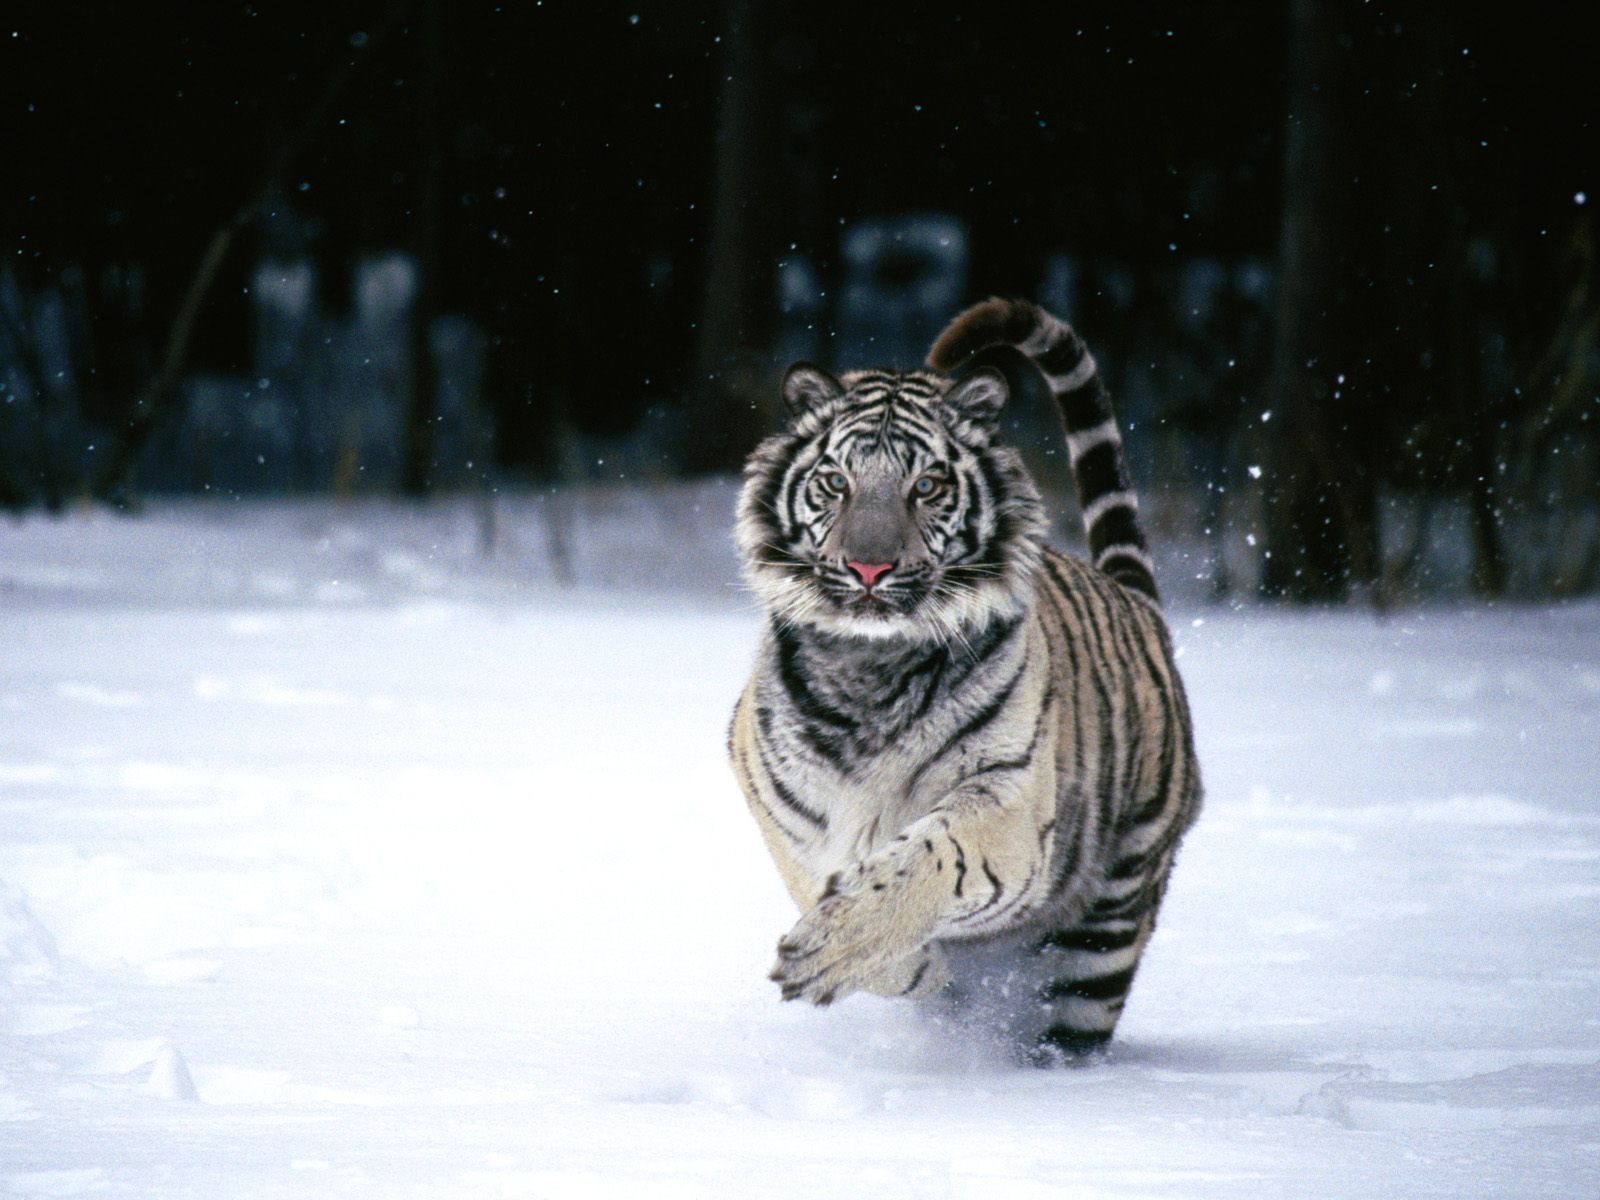 White tiger wallpaper Wallpaper Wide HD 1600x1200